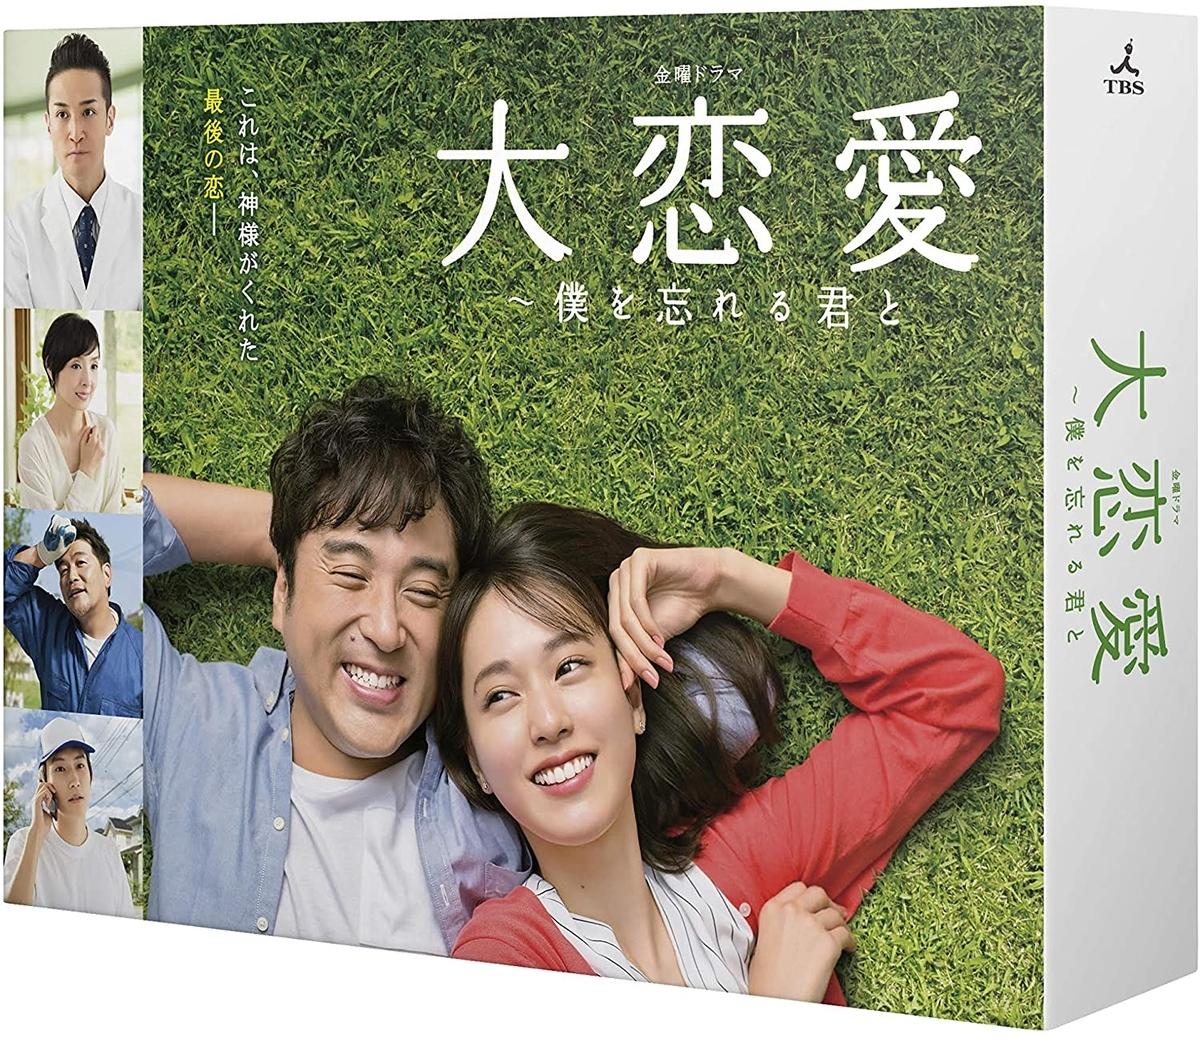 『大恋愛〜僕を忘れる君と』DVD-BOX、TCエンタテインメント、2019年